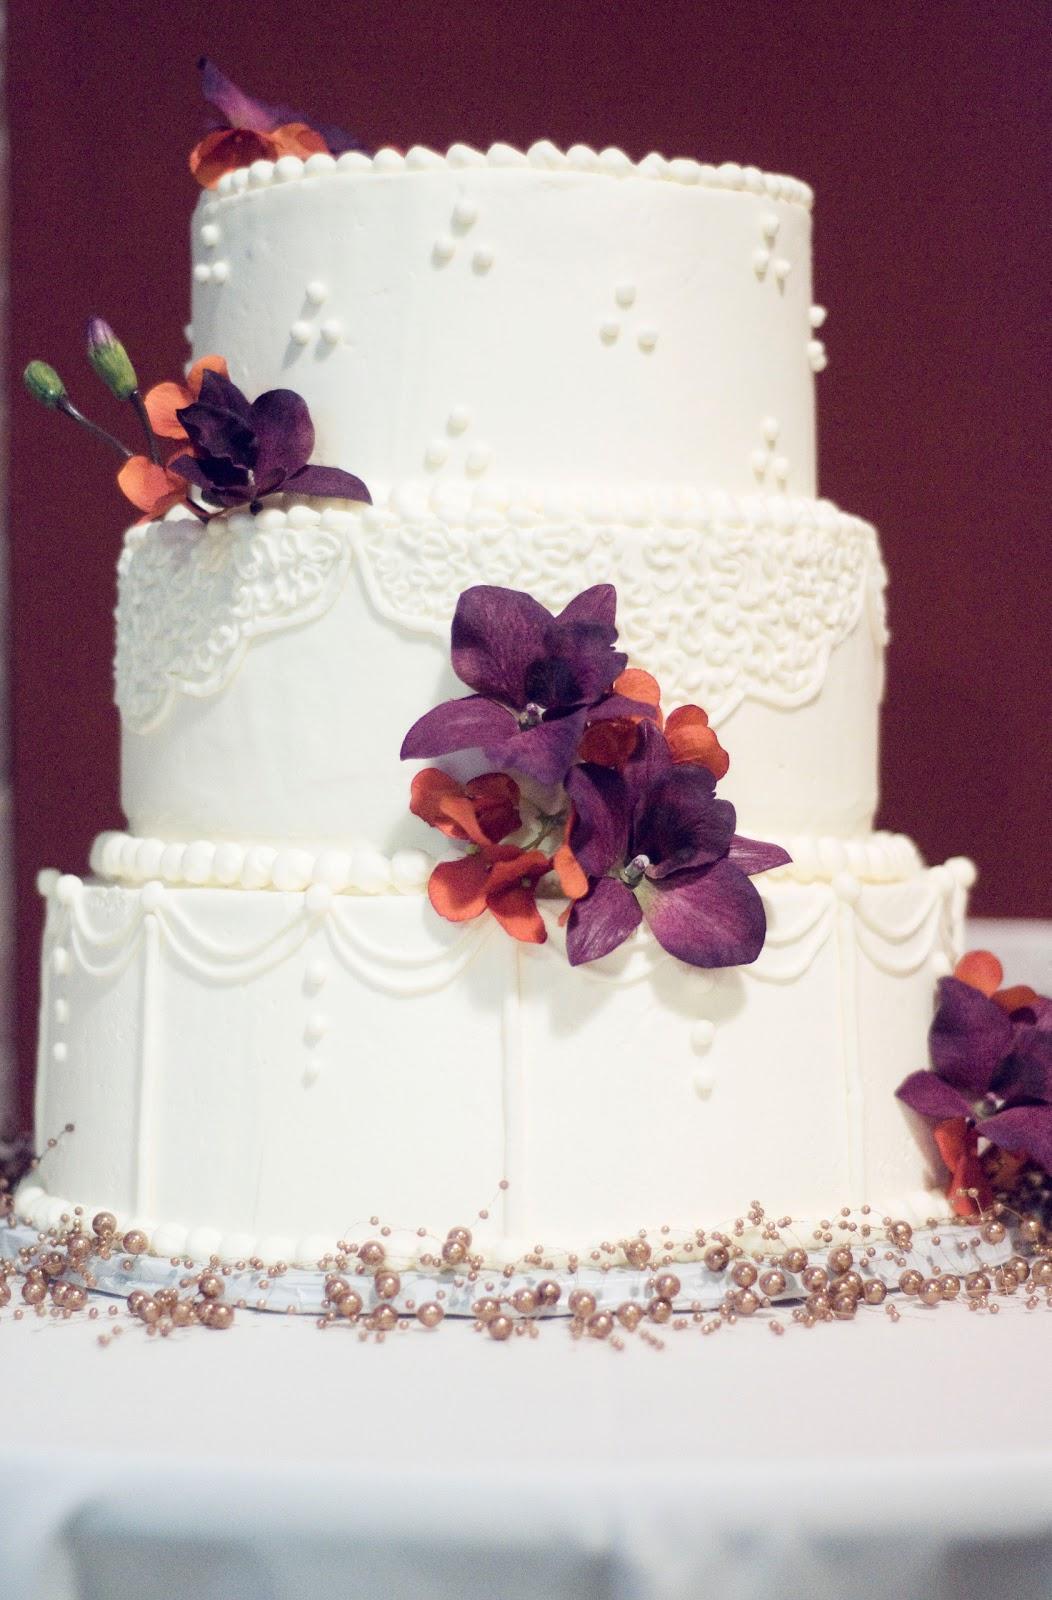 Tis So Sweet Cakes: Wedding